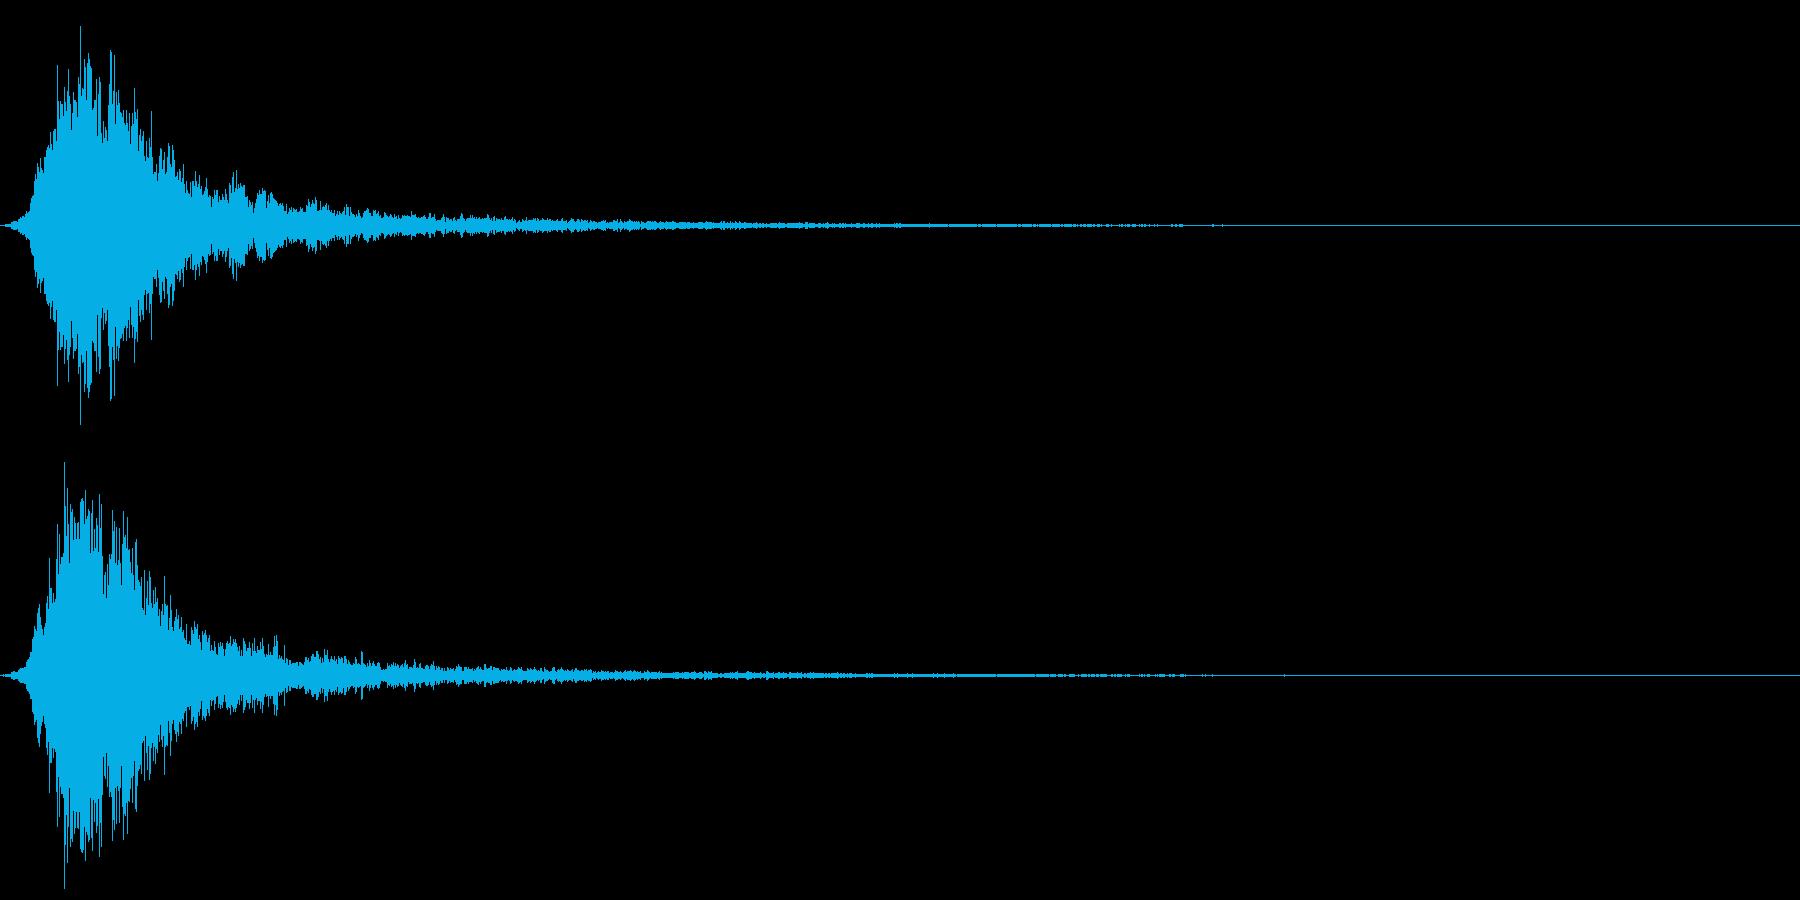 和風「シャーン」神楽鈴の単音+リバーブの再生済みの波形